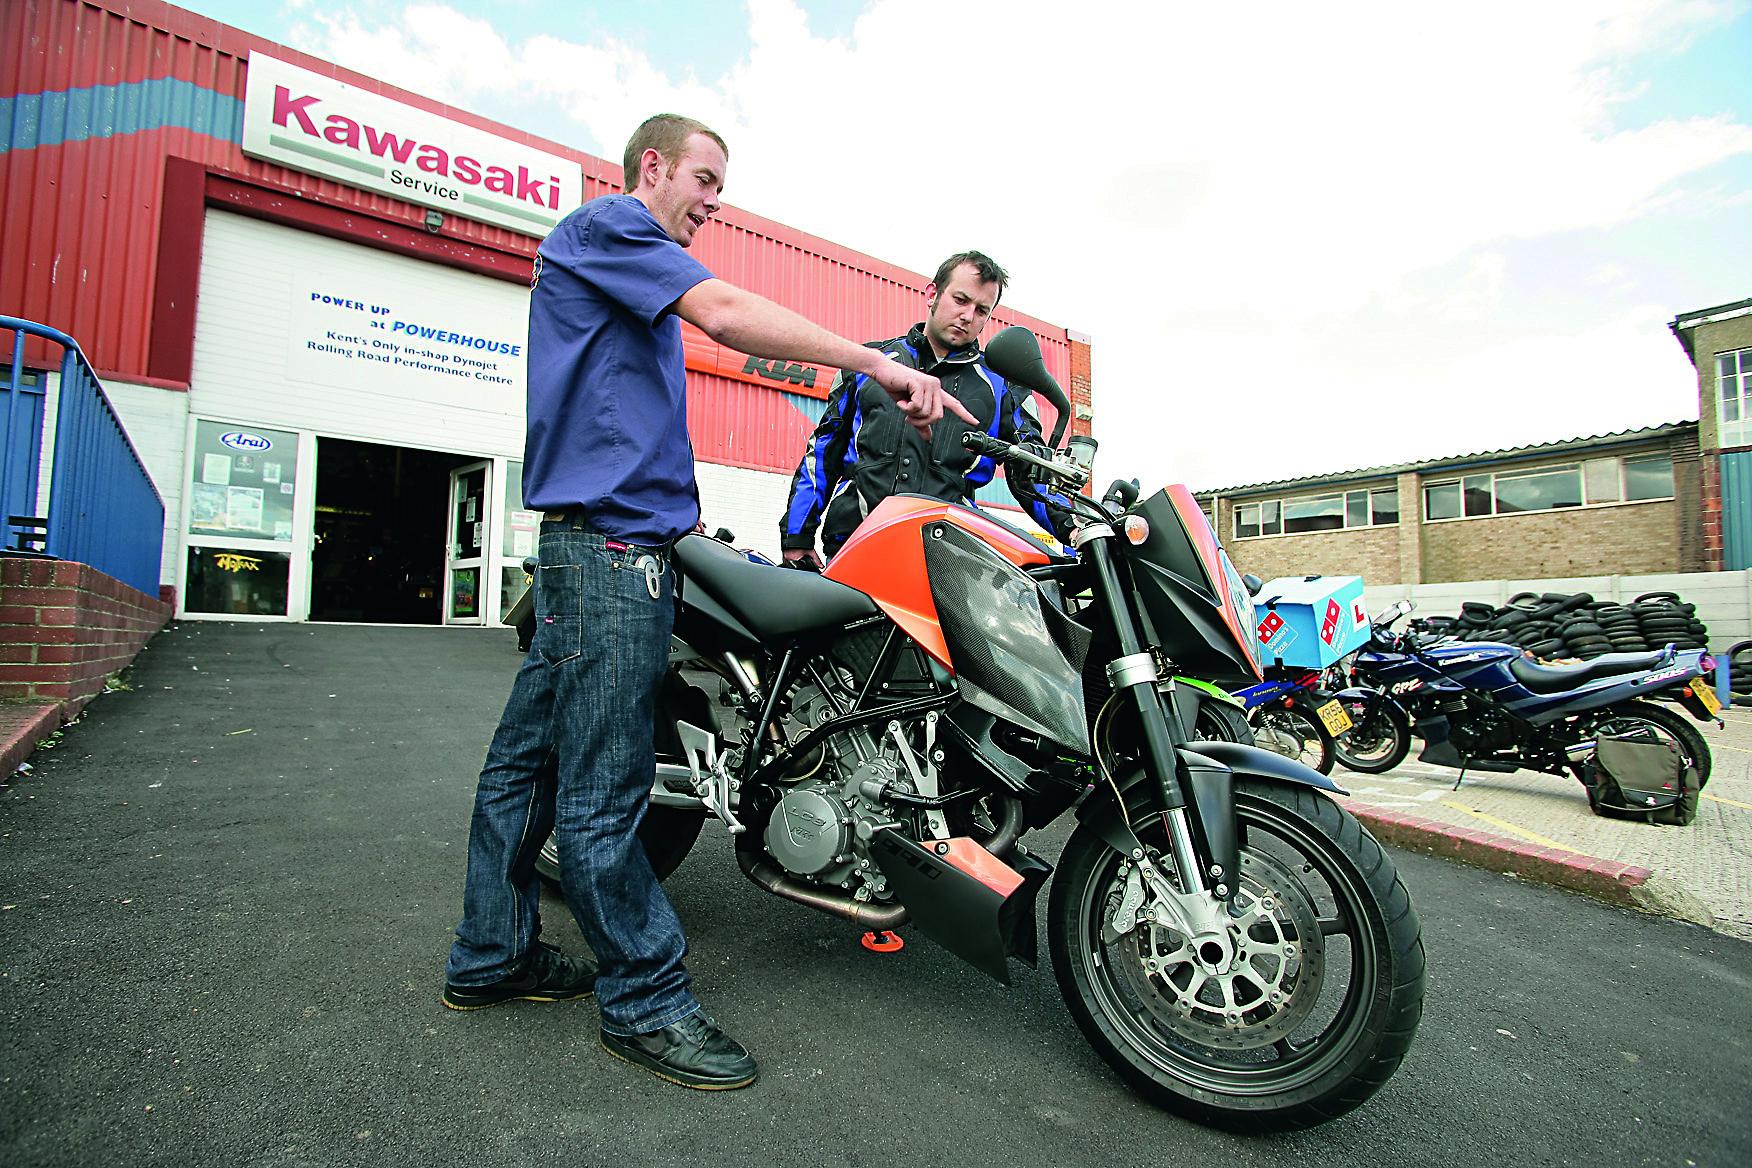 Comment Acheter une moto en Angleterre - Comment Acheter une moto en Angleterre